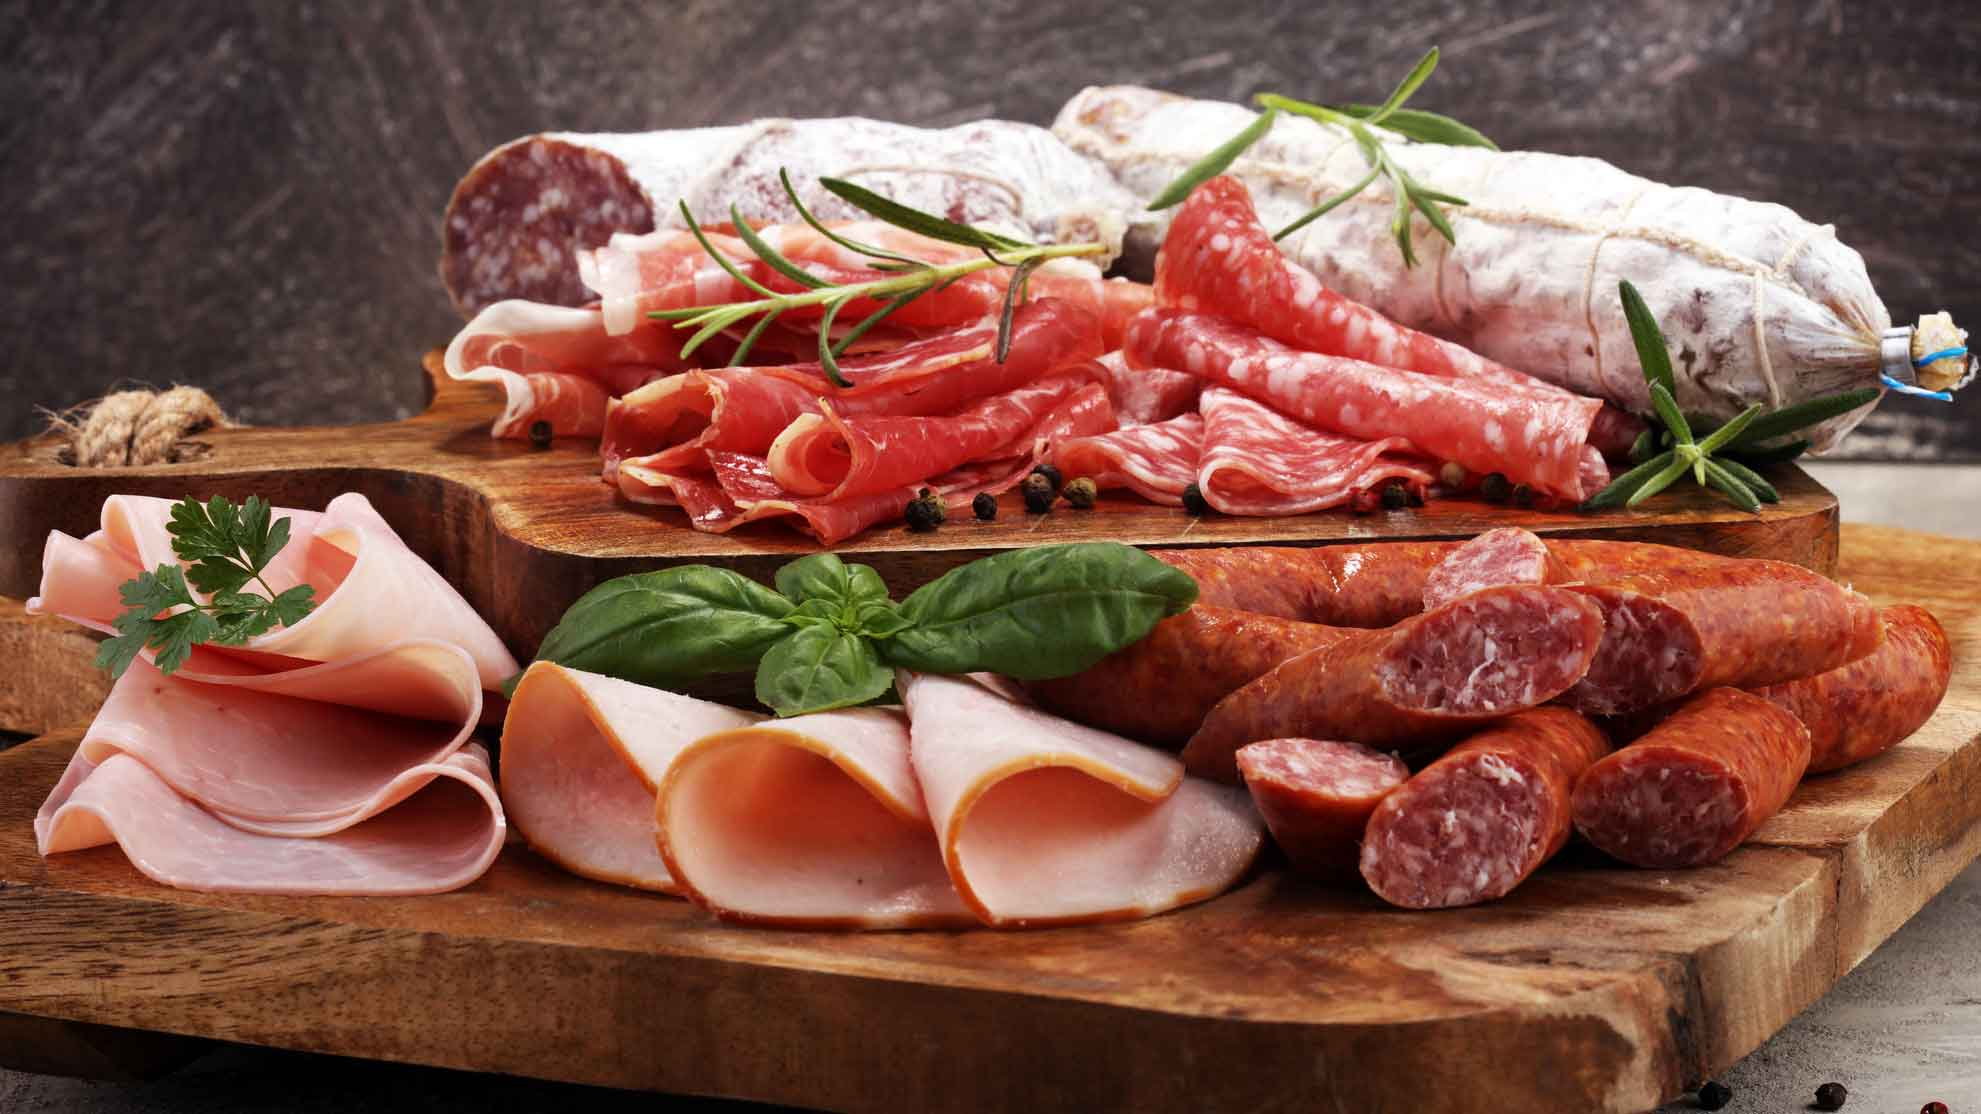 Nitrit: Salami und Schinken